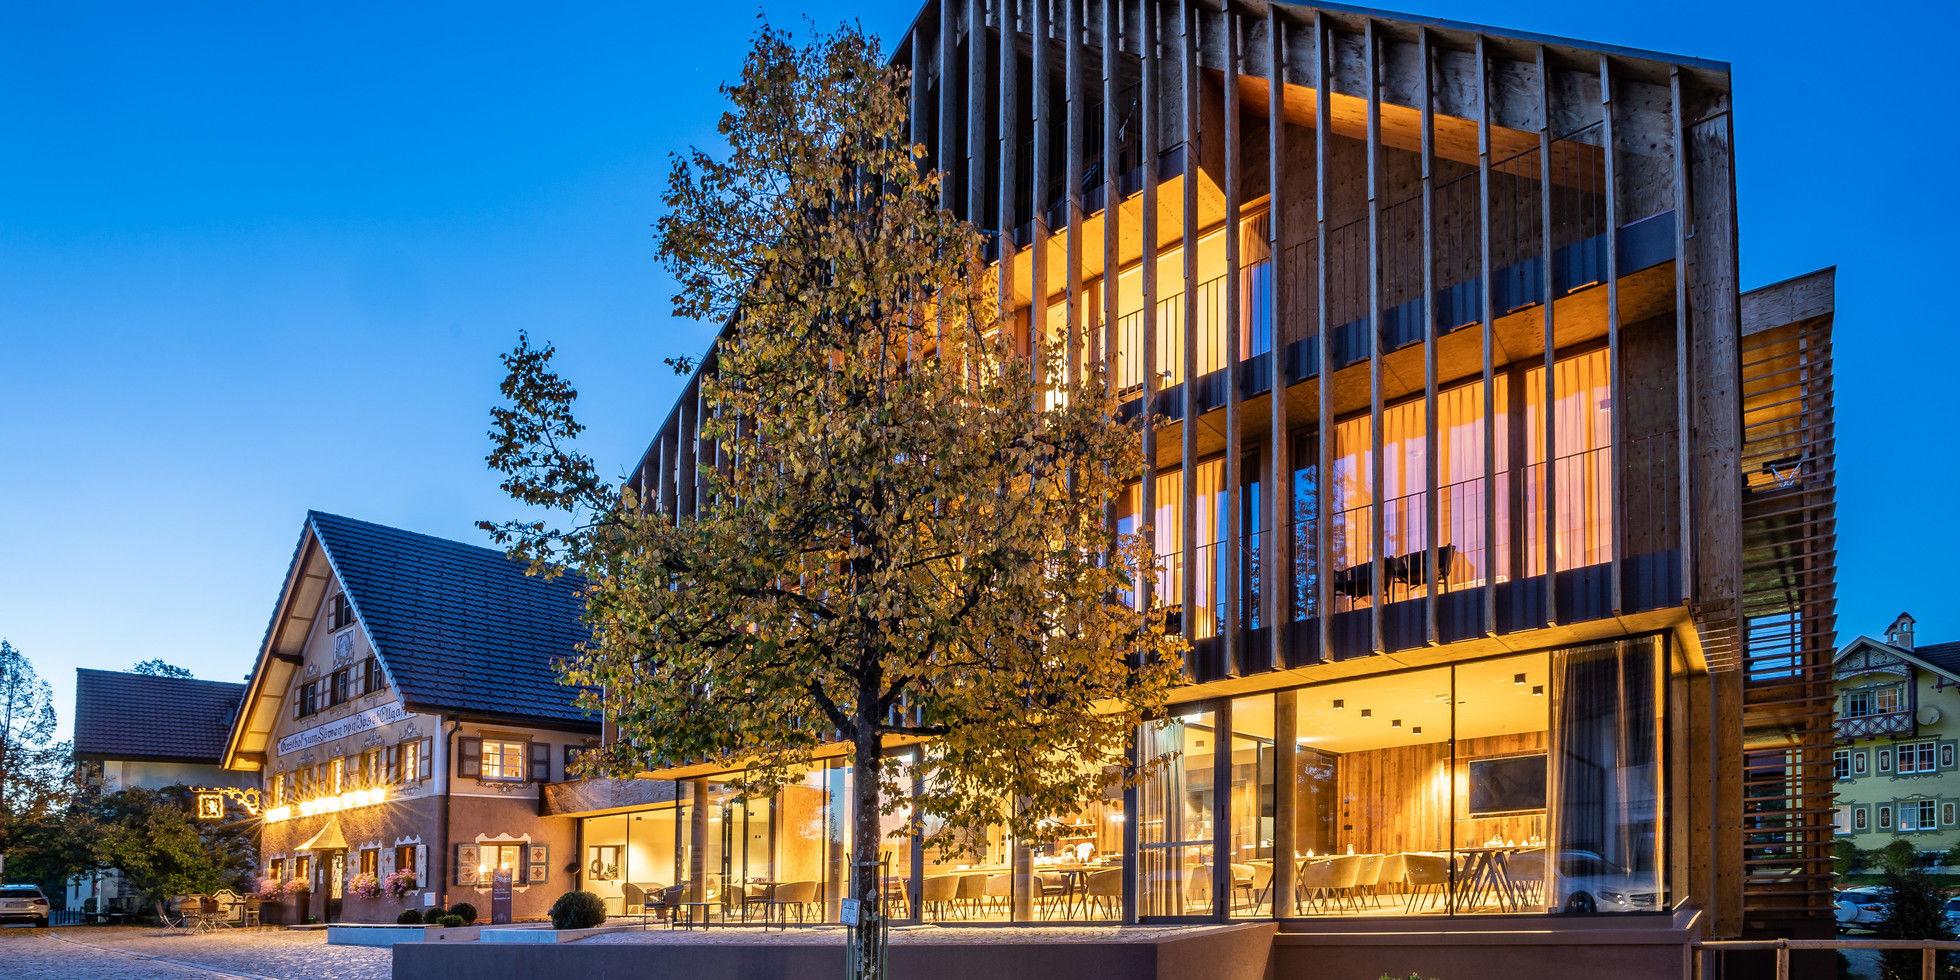 Hotelarchitektur Ein Bau Mit Vorbildcharakter